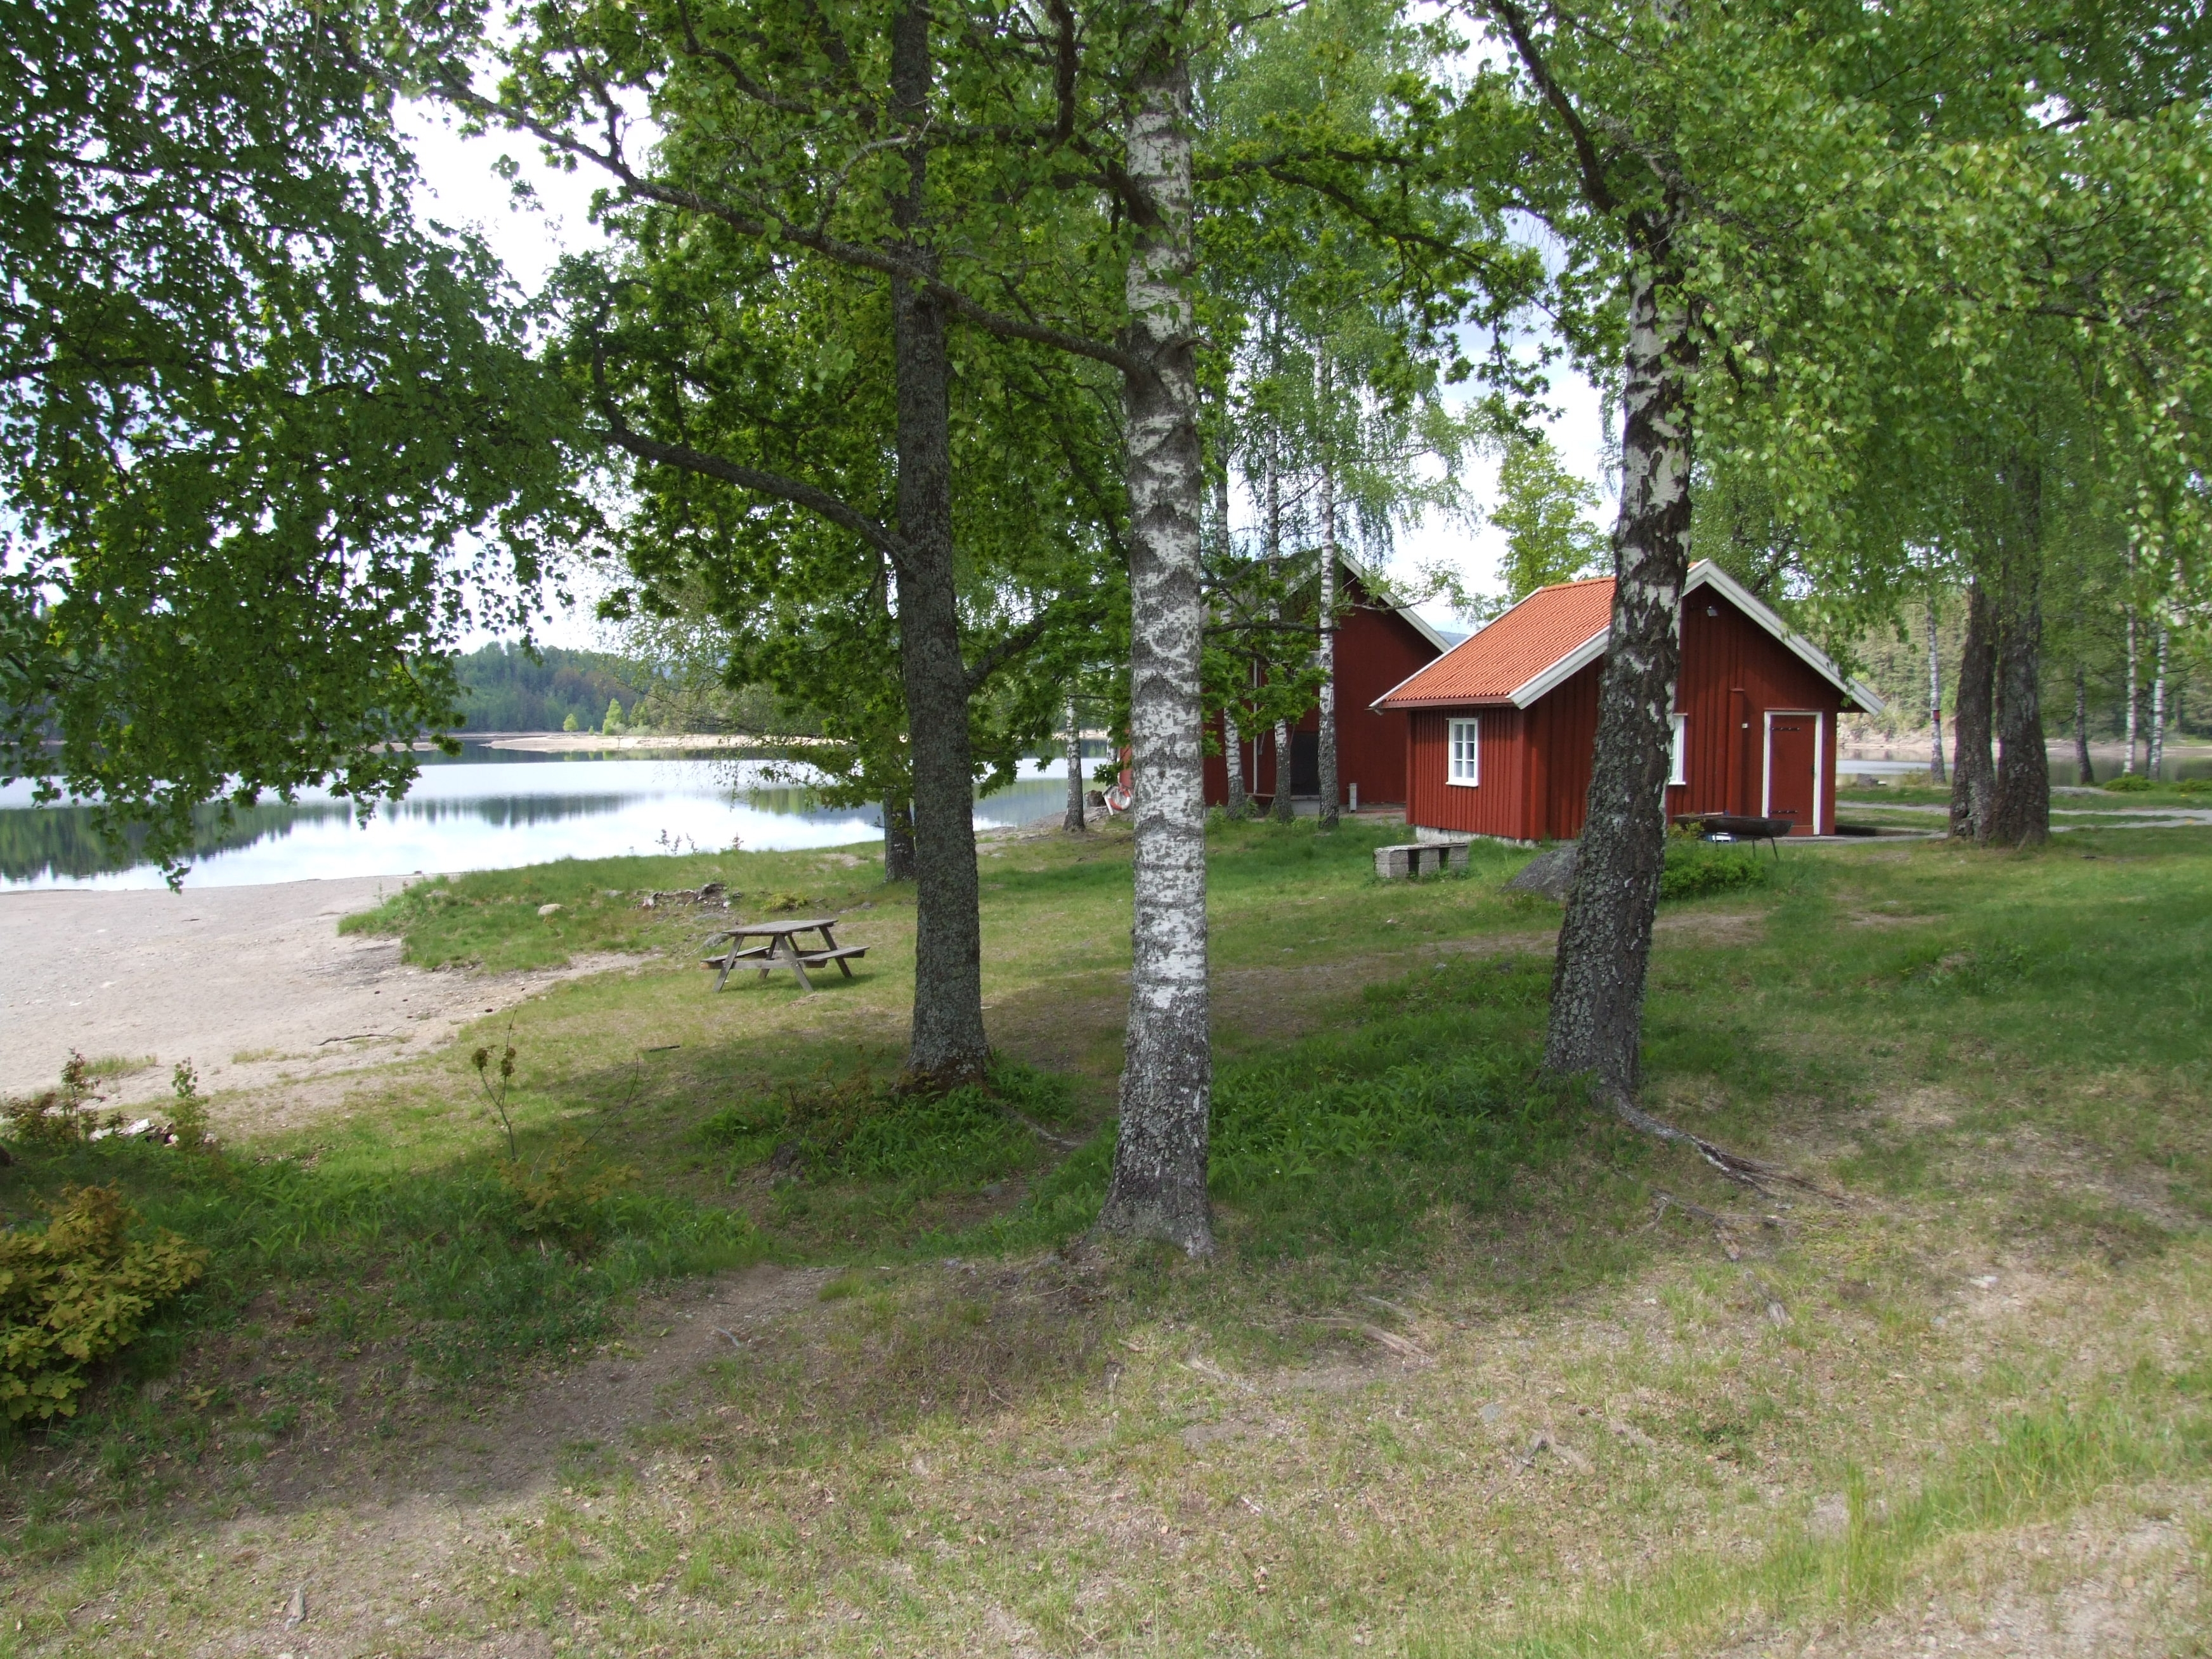 Båthuset i Siljan, © Christer Sørensen